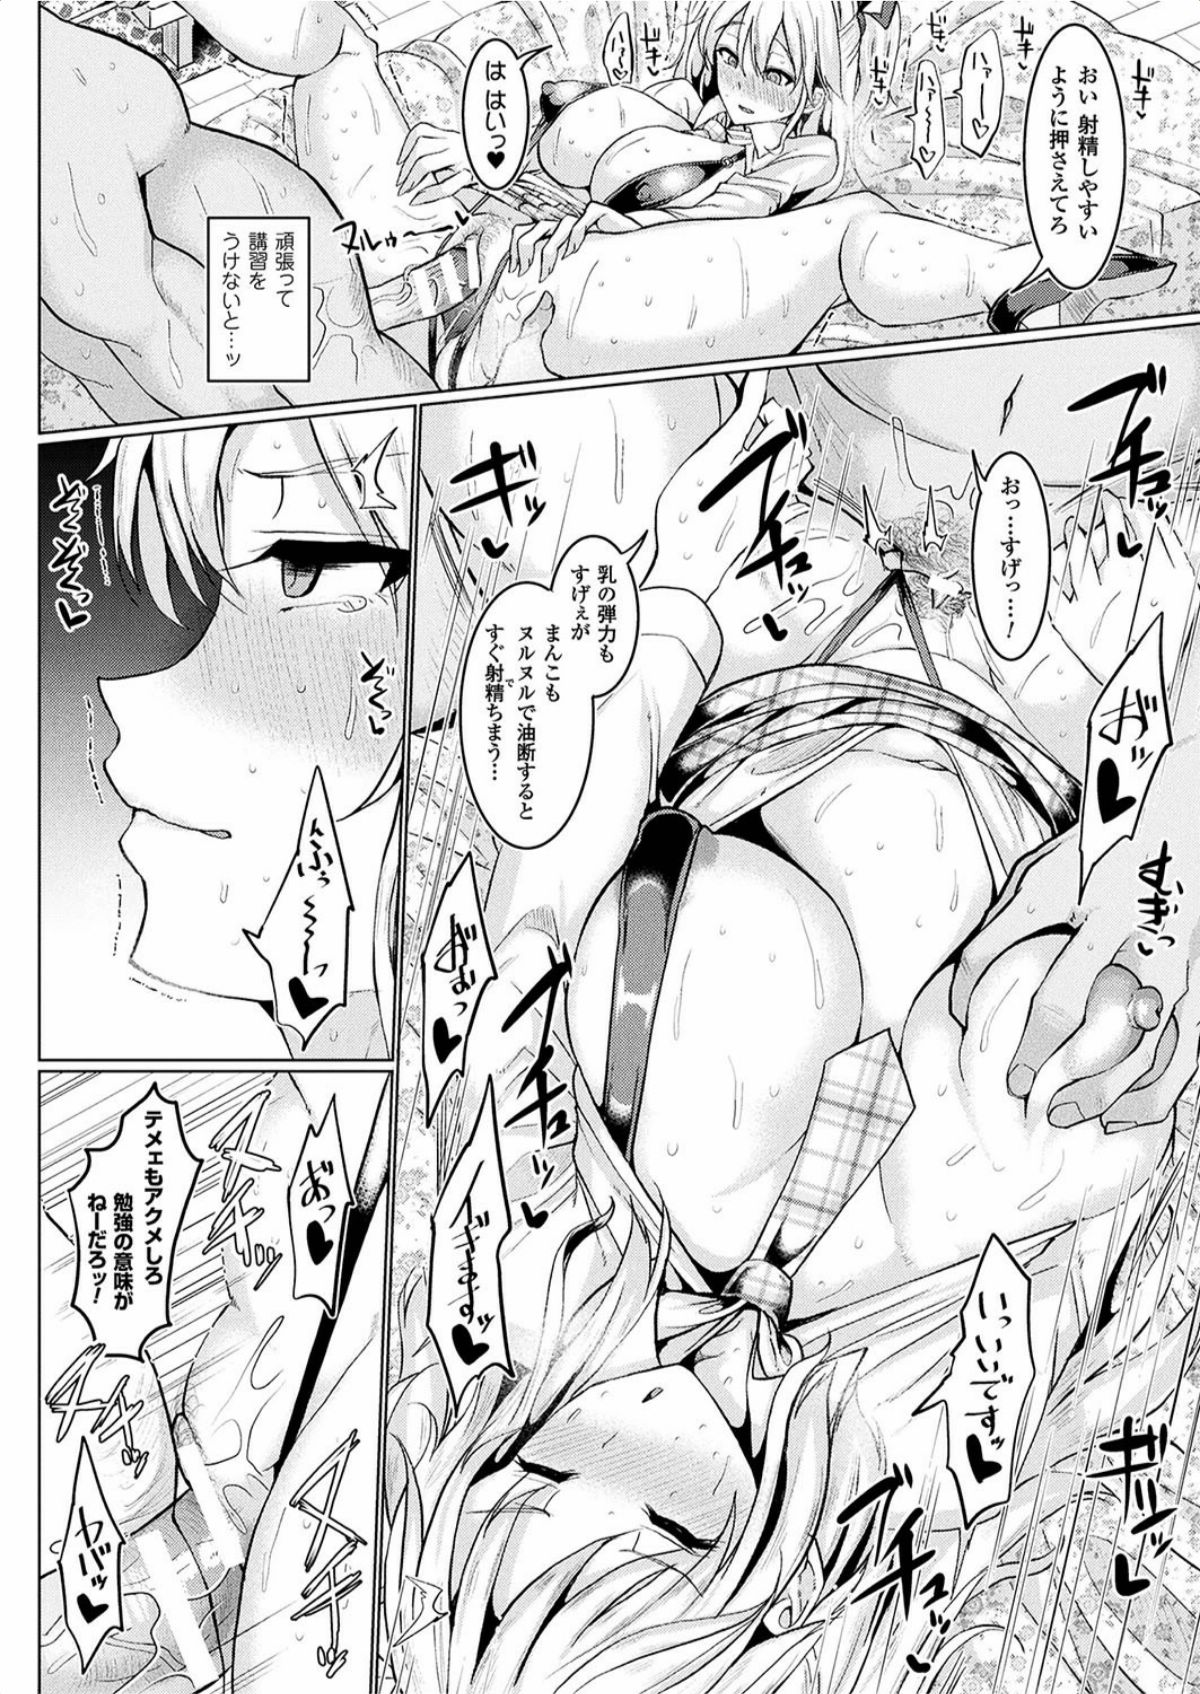 【エロ漫画】キモデブの家庭教師のビッチJDに催眠術をかけて自分の性奴隷肉便器に仕立て上げ性欲処理として使い続けるwww